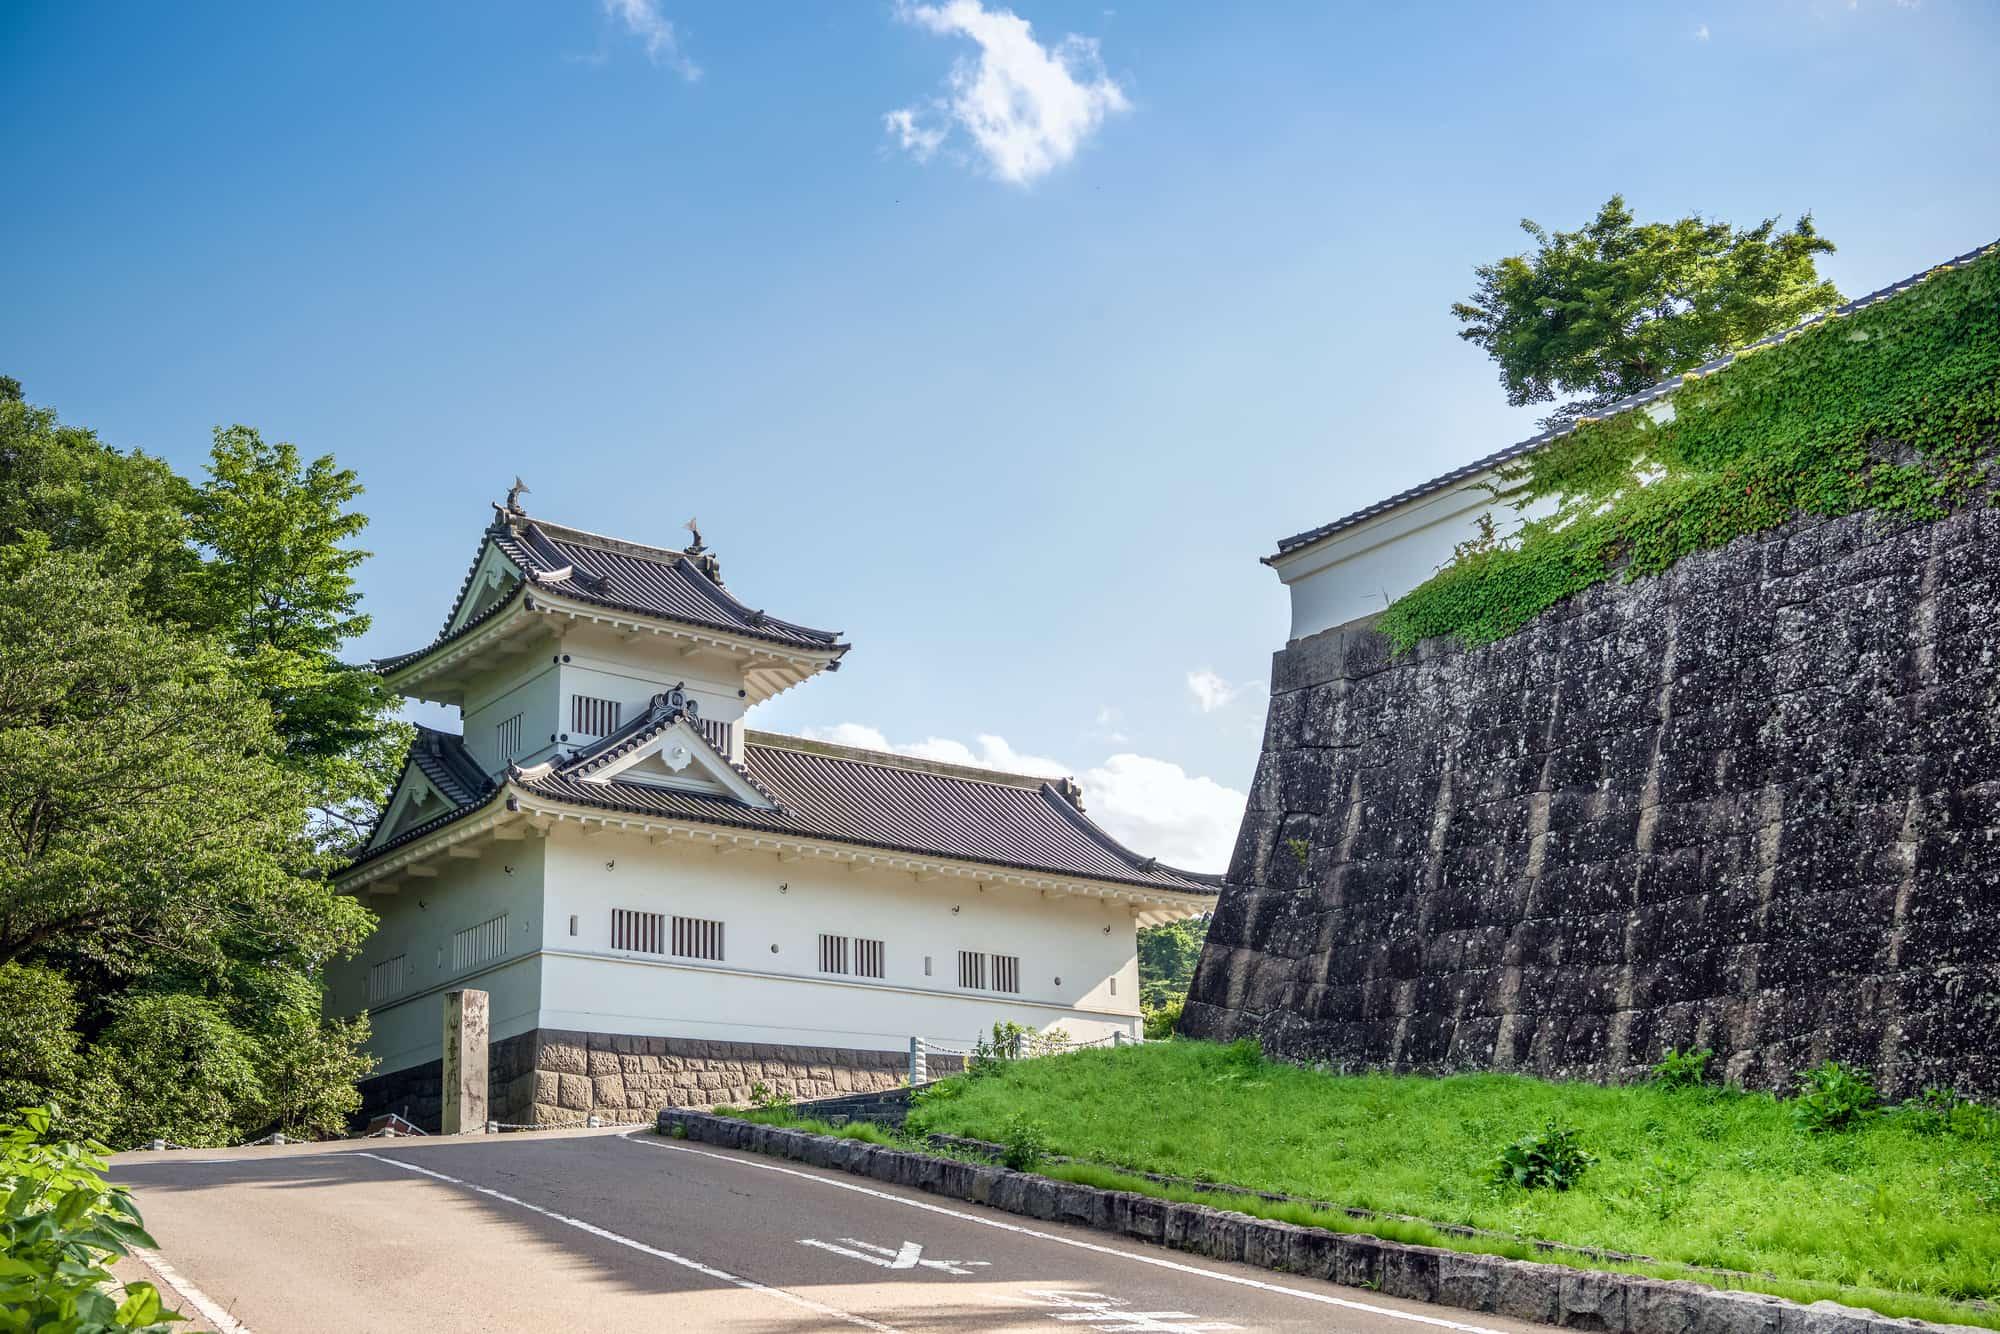 仙台城遺跡的石垣和復原的脇櫓